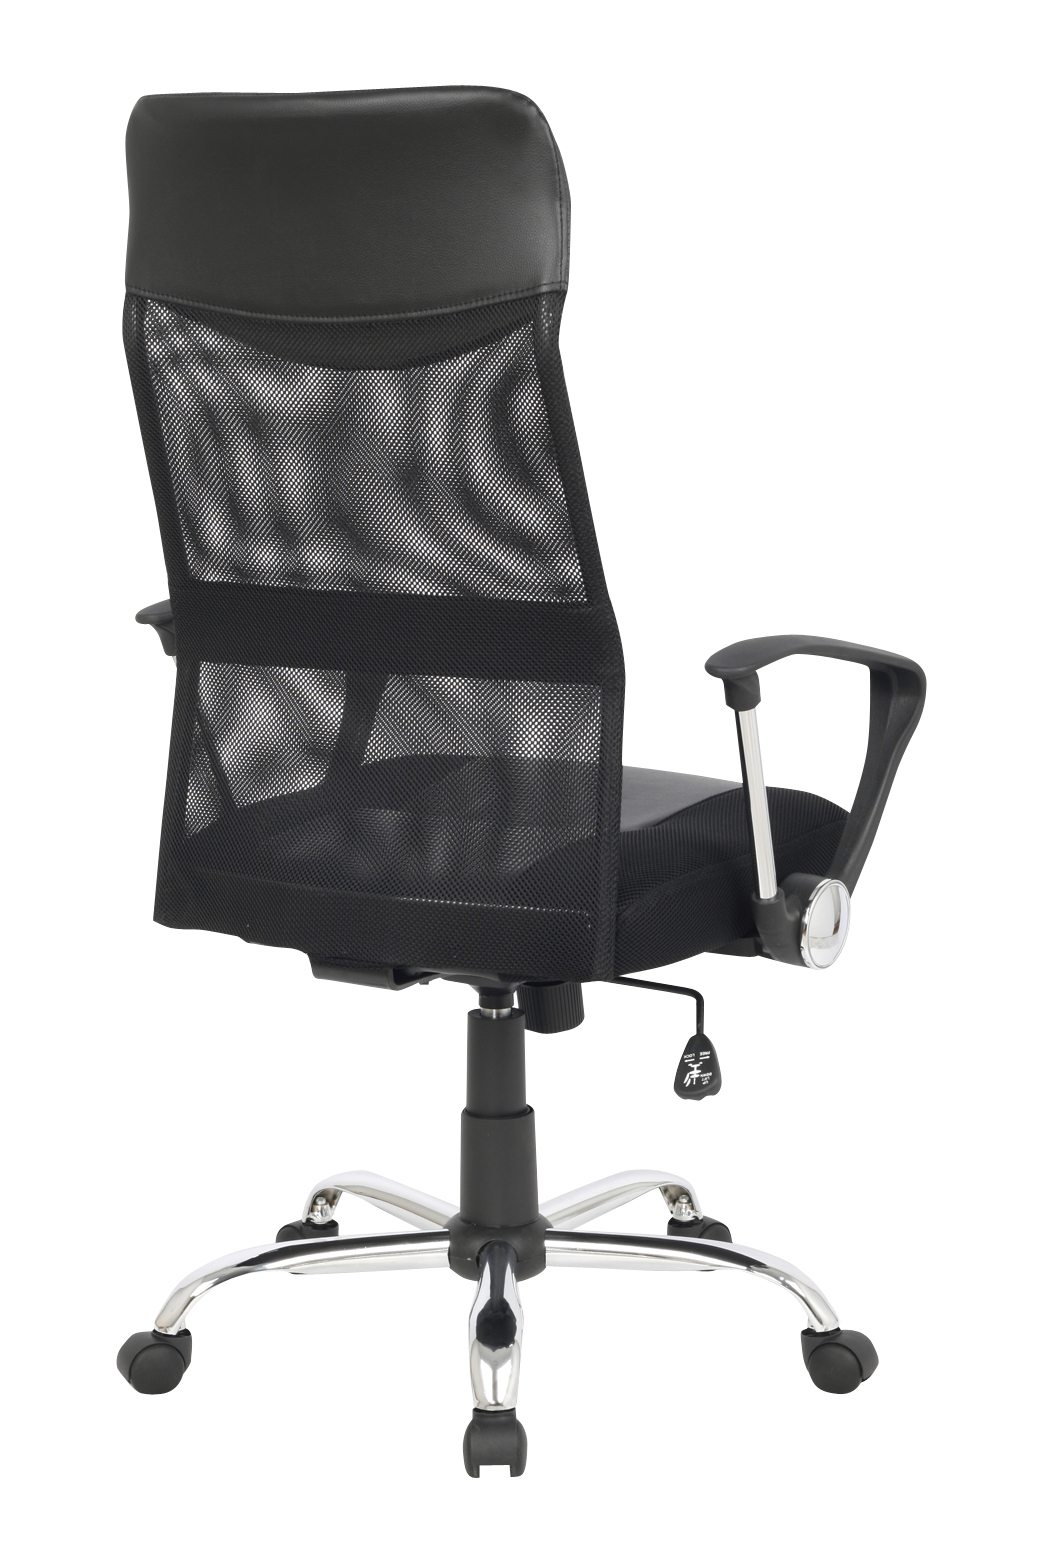 sixbros chaise de bureau pivotant noir h 935 6 1319 ebay. Black Bedroom Furniture Sets. Home Design Ideas